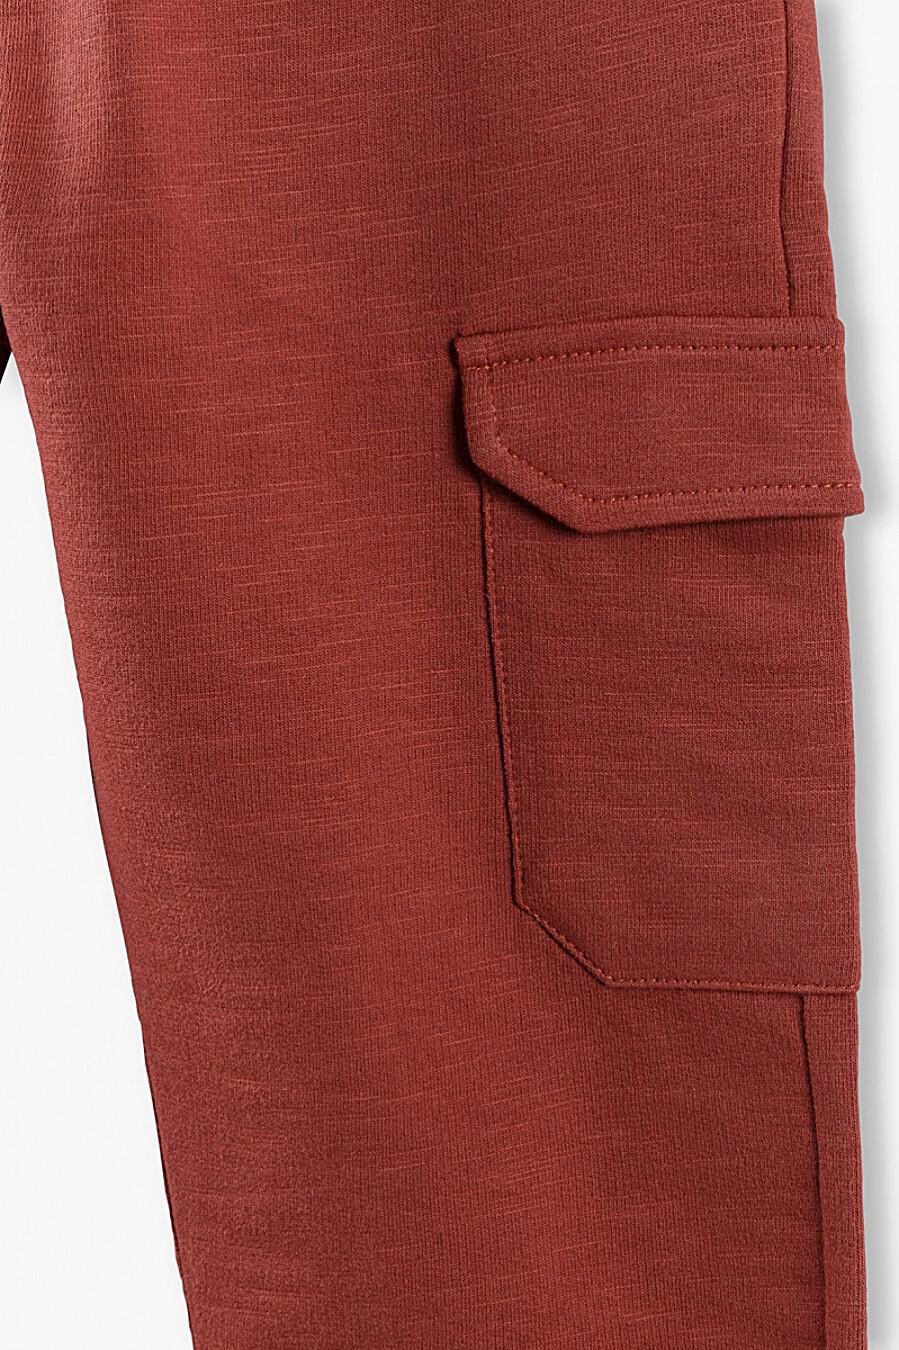 Брюки для мальчиков 5.10.15 668481 купить оптом от производителя. Совместная покупка детской одежды в OptMoyo